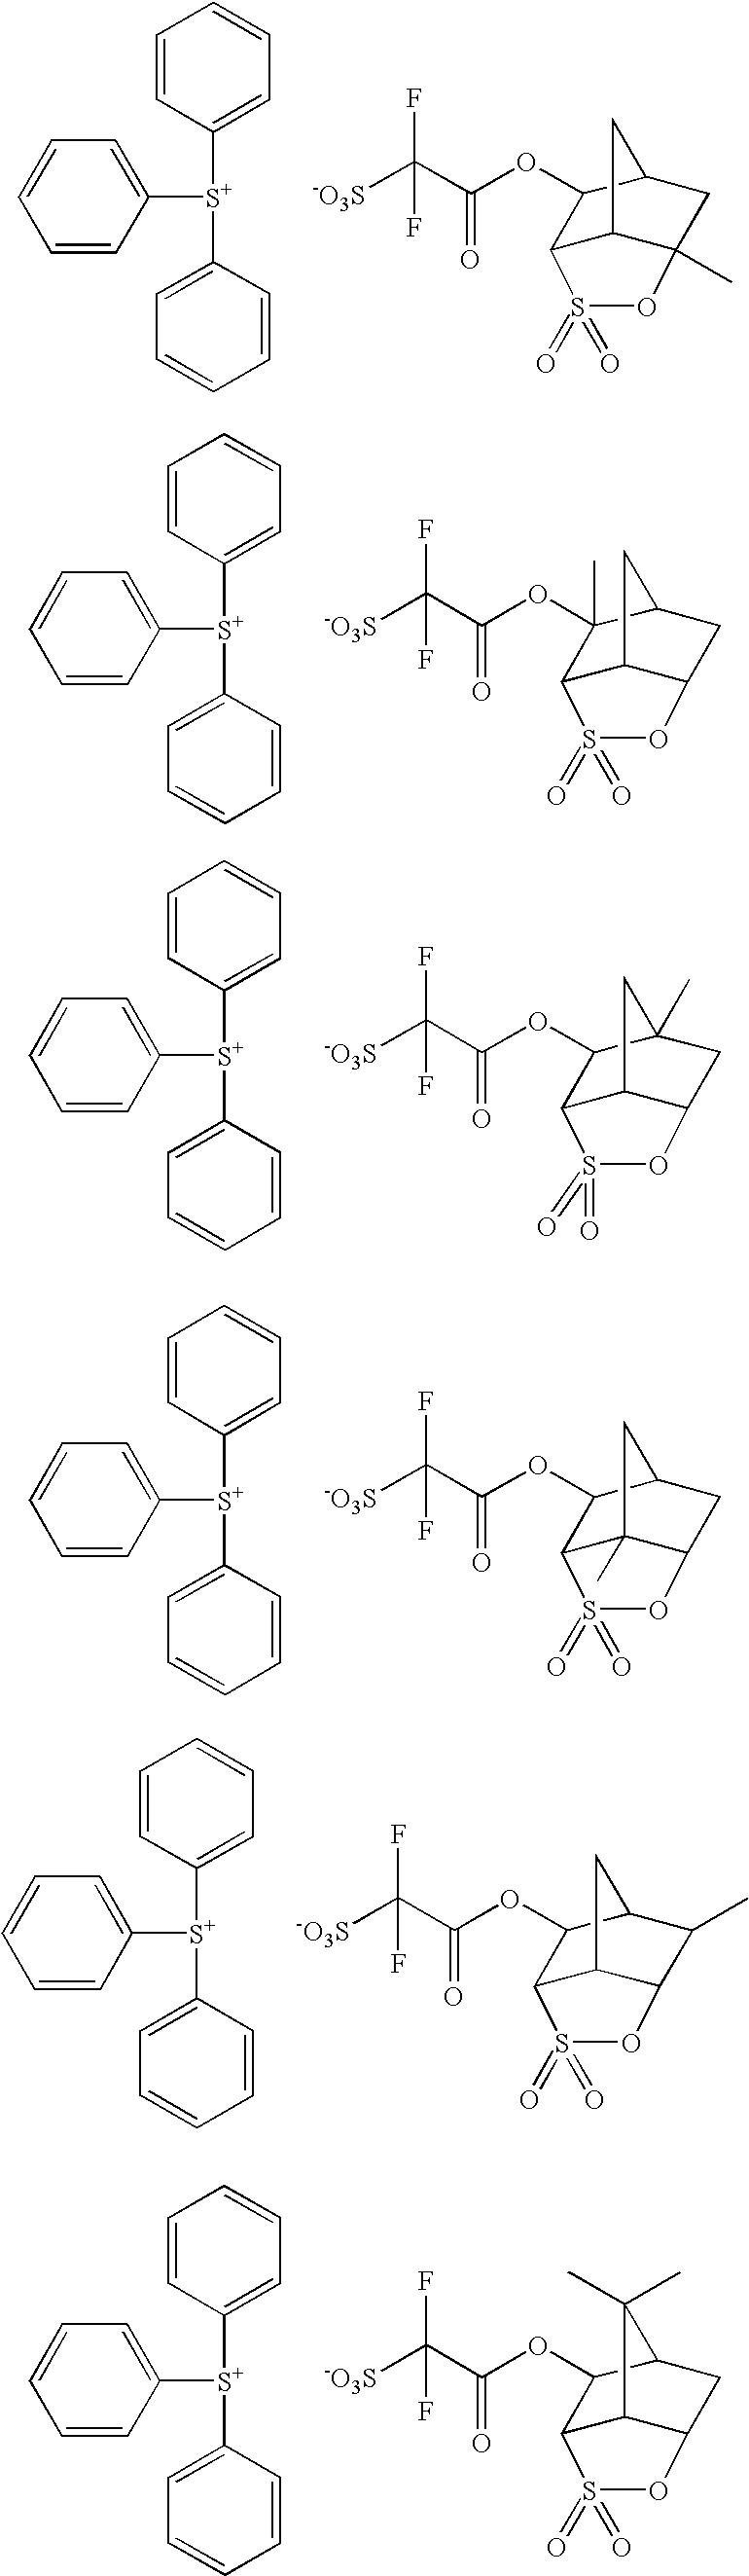 Figure US20100323296A1-20101223-C00154